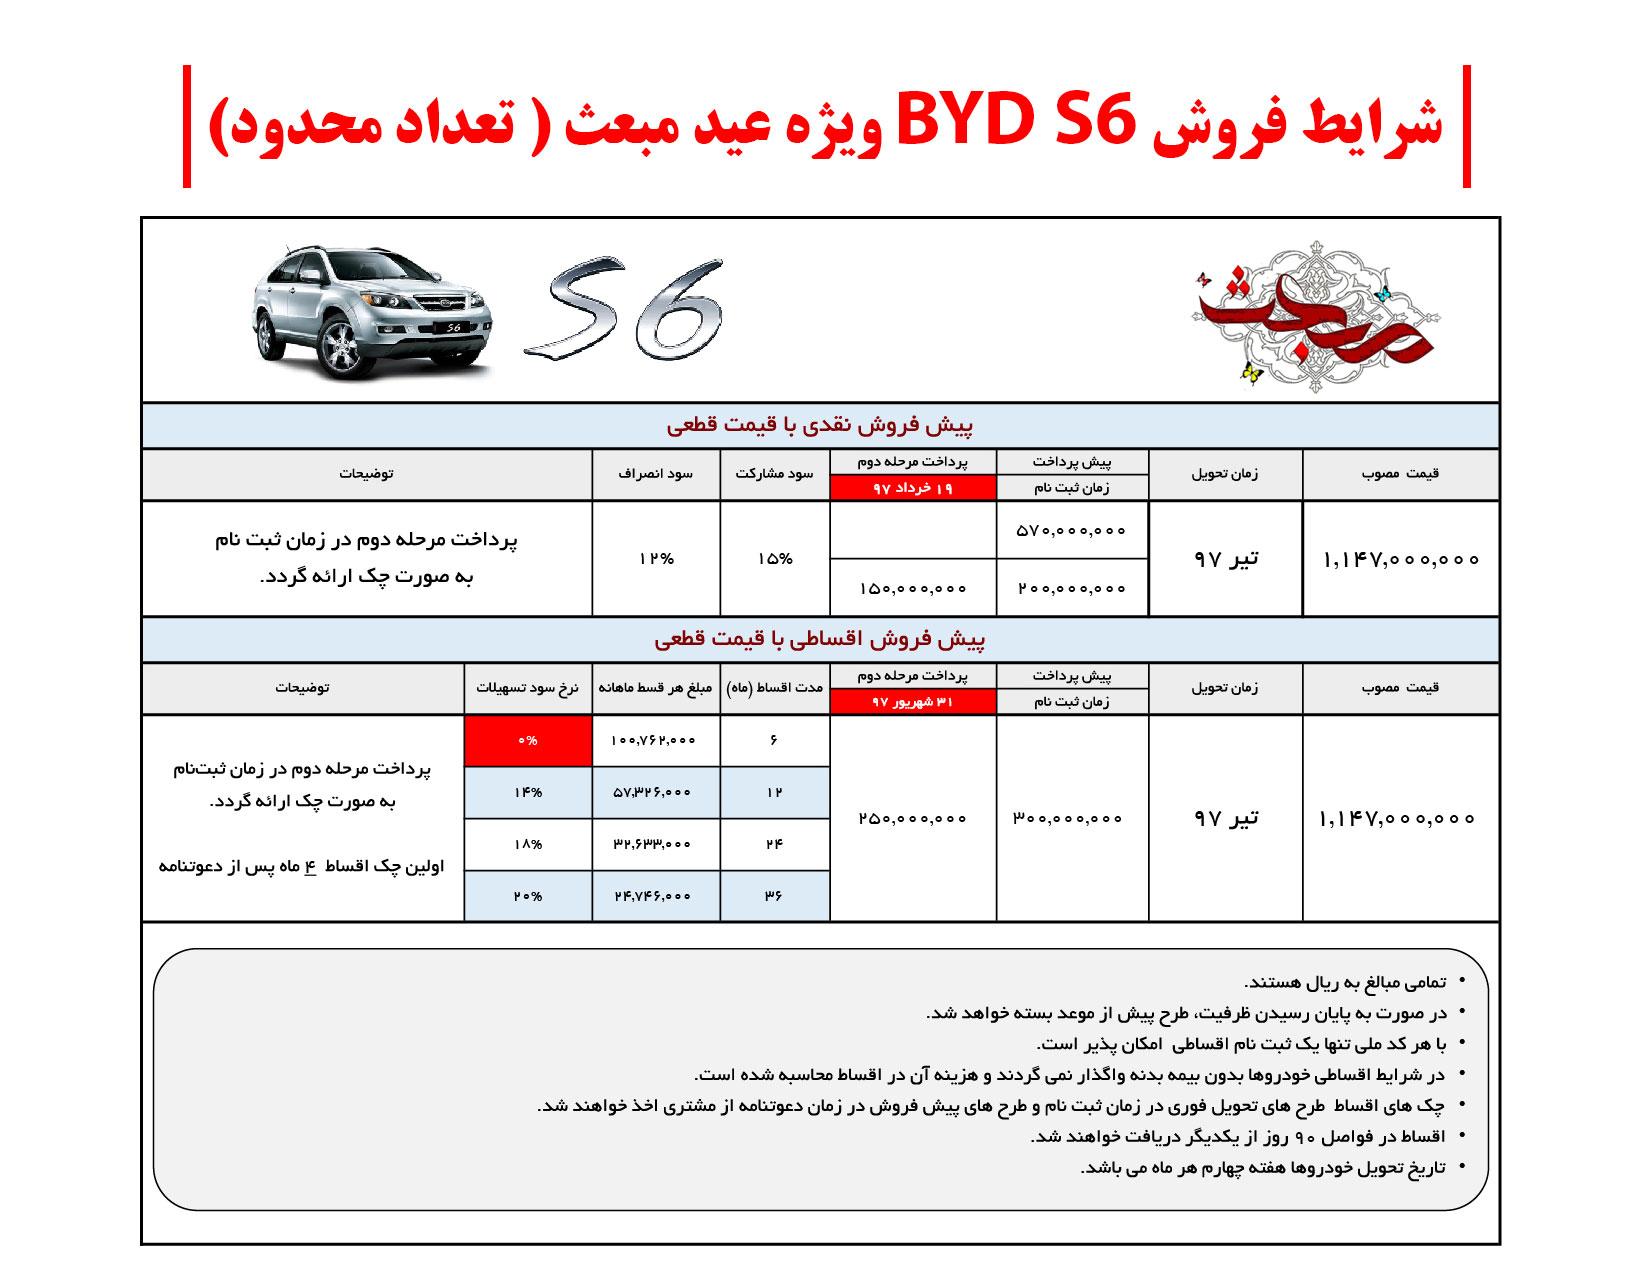 قیمت و شرایط فروش BYDS6